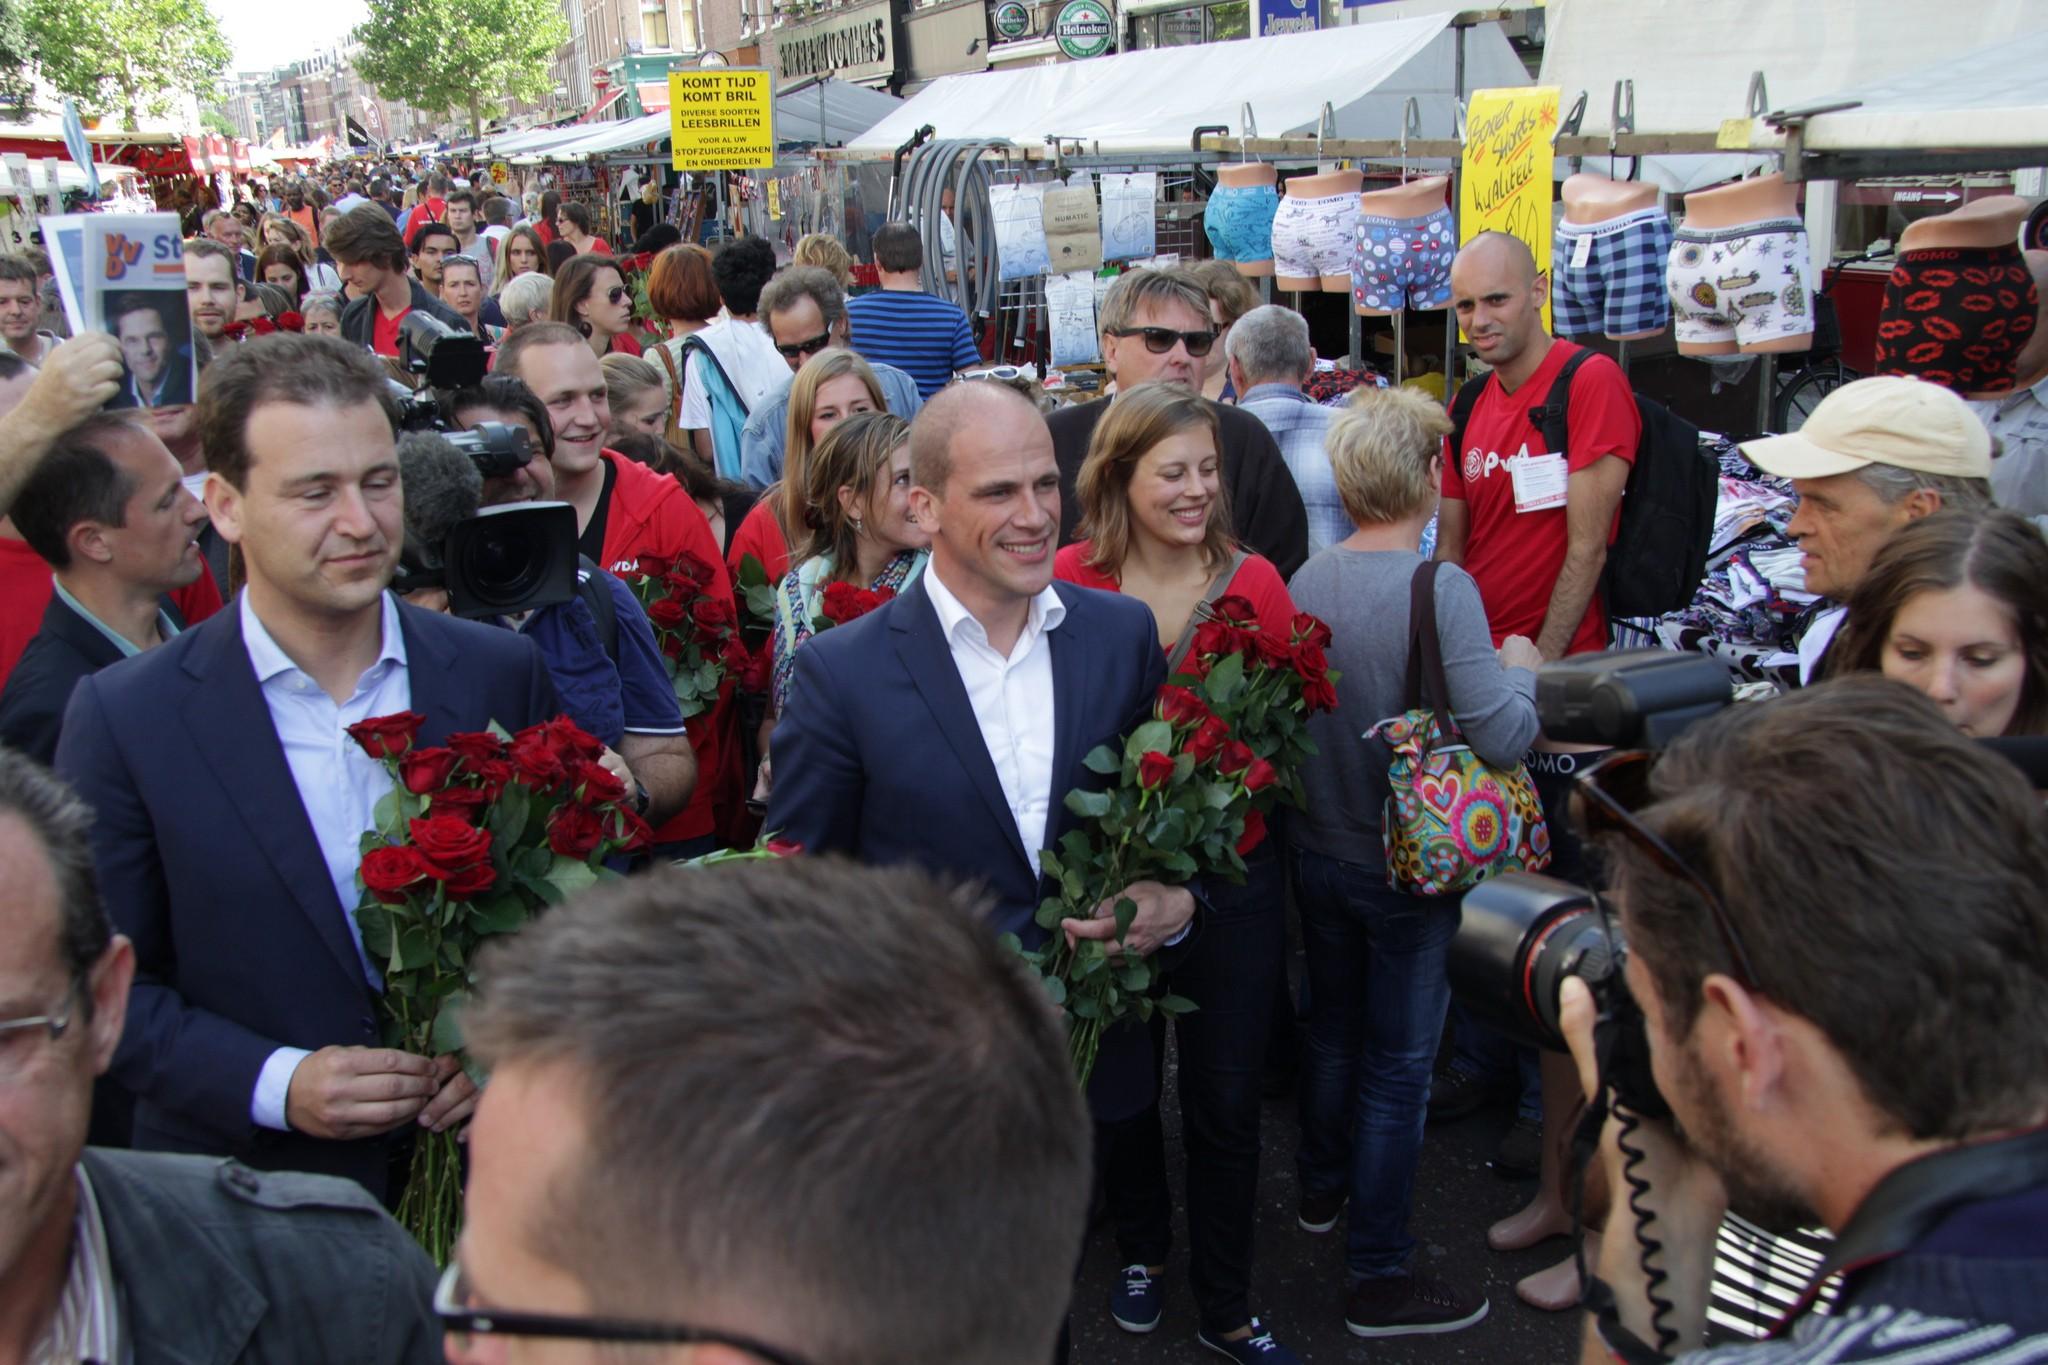 Lodewijk Asscher PvdA vicepremier lijsttrekker